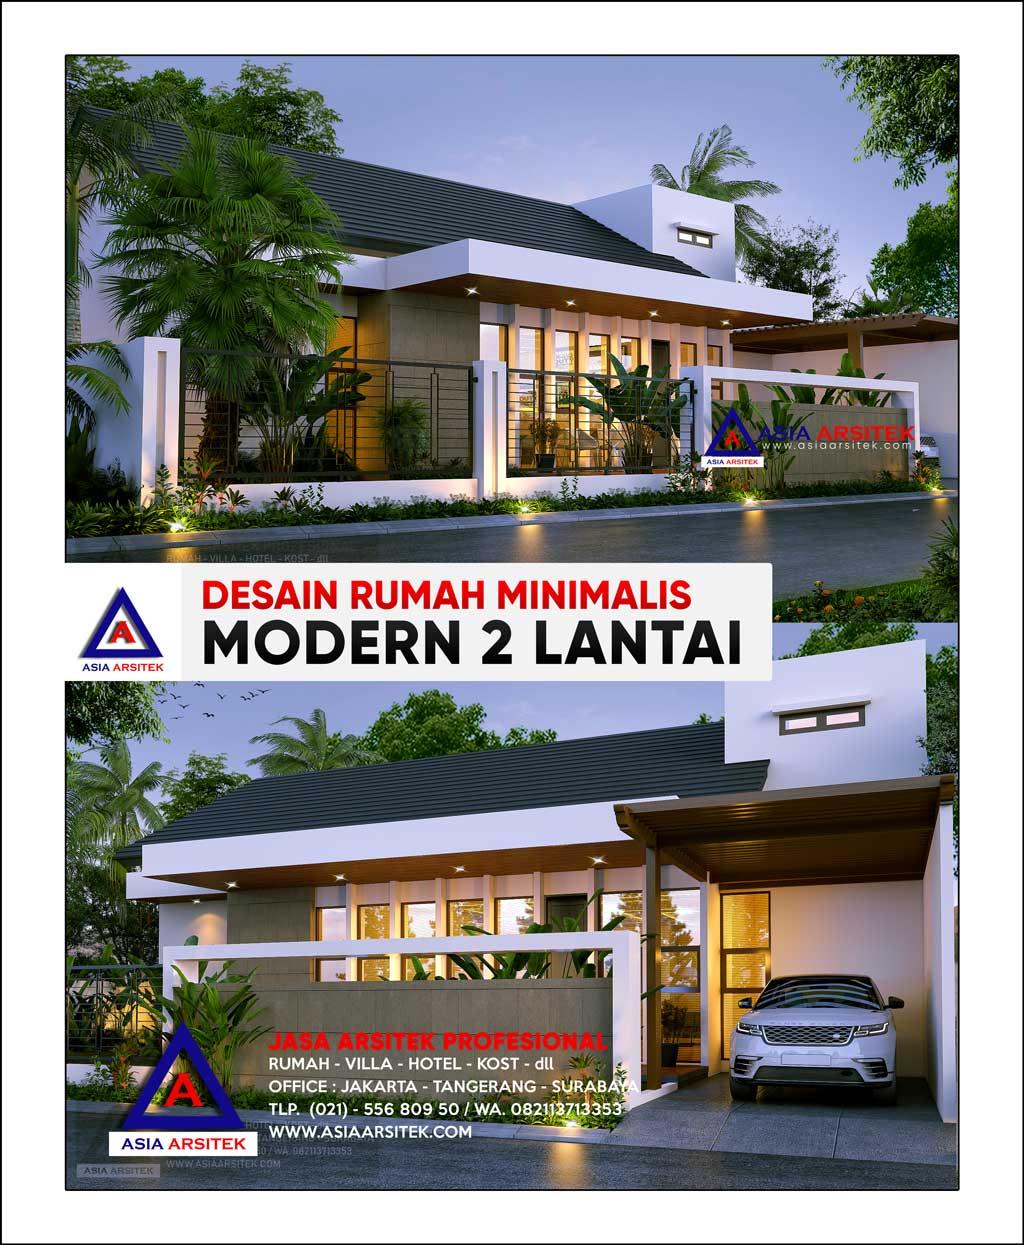 Desain Rumah Minimalis Modern 2 Lantai Lahan 20 x 20 Meter di Jakarta Pusat